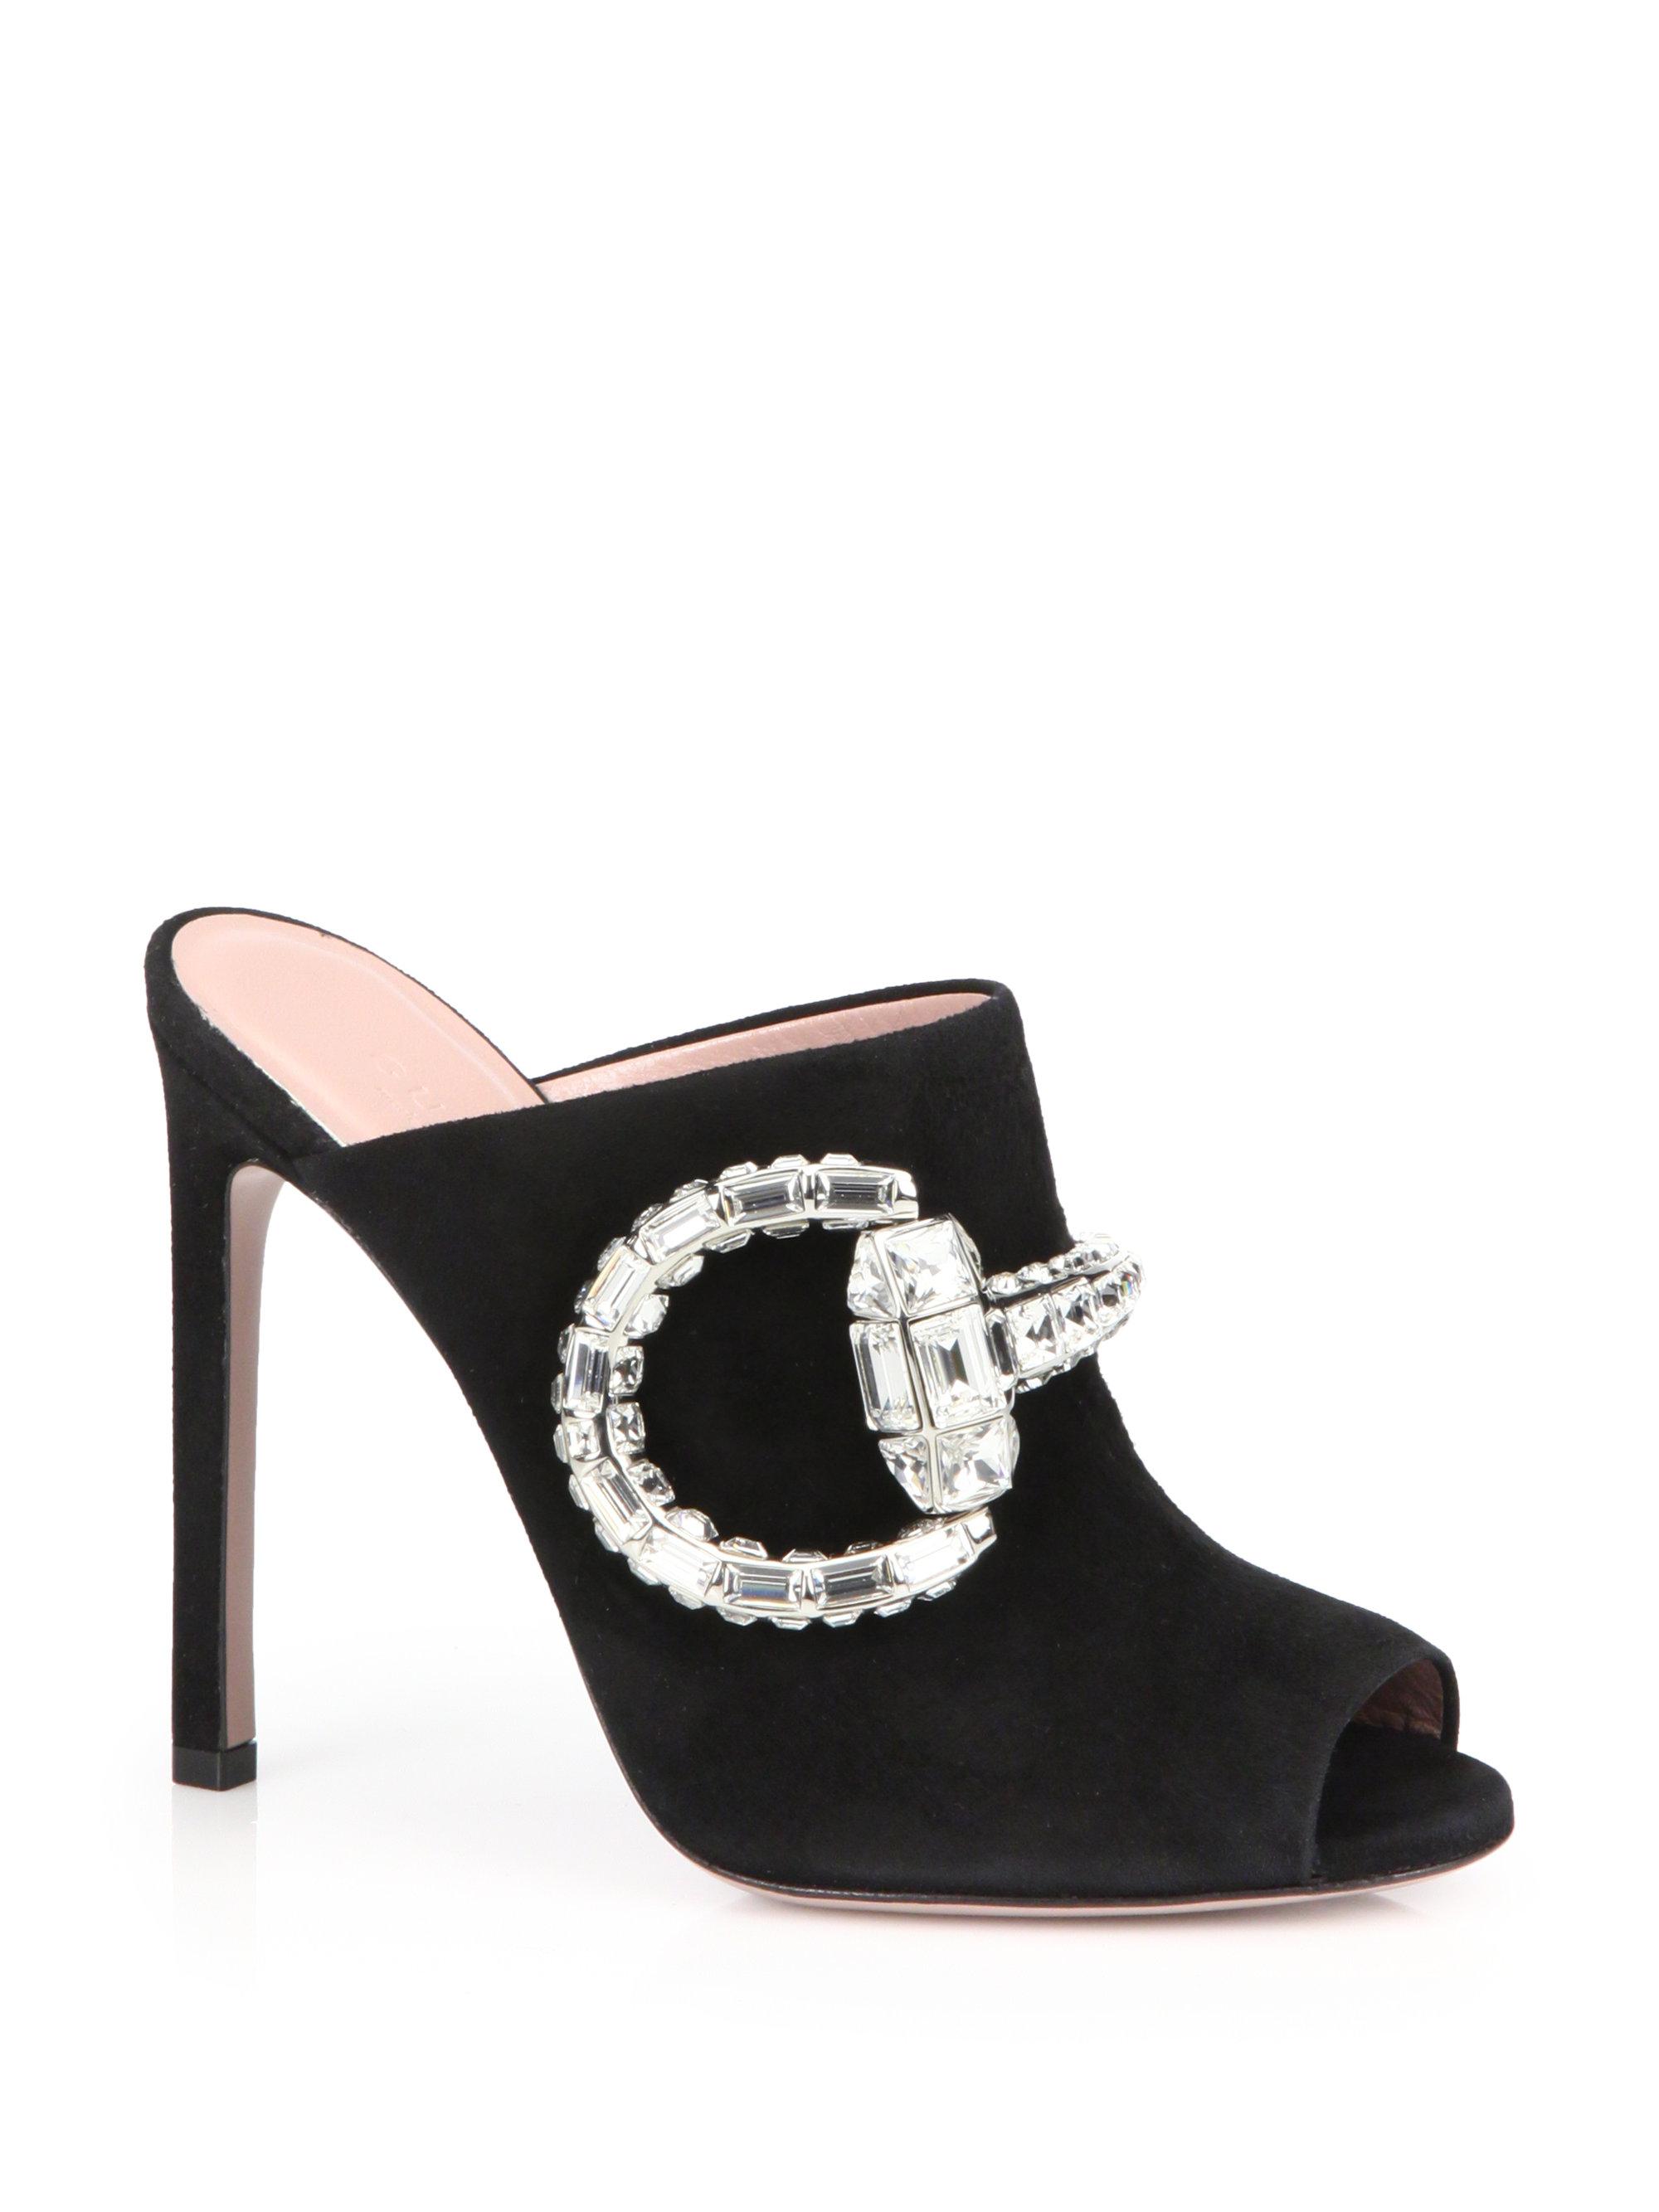 208f8209e New Gucci Maxime Crystal Horsebit Suede Sandals Pink Sz 38 ...